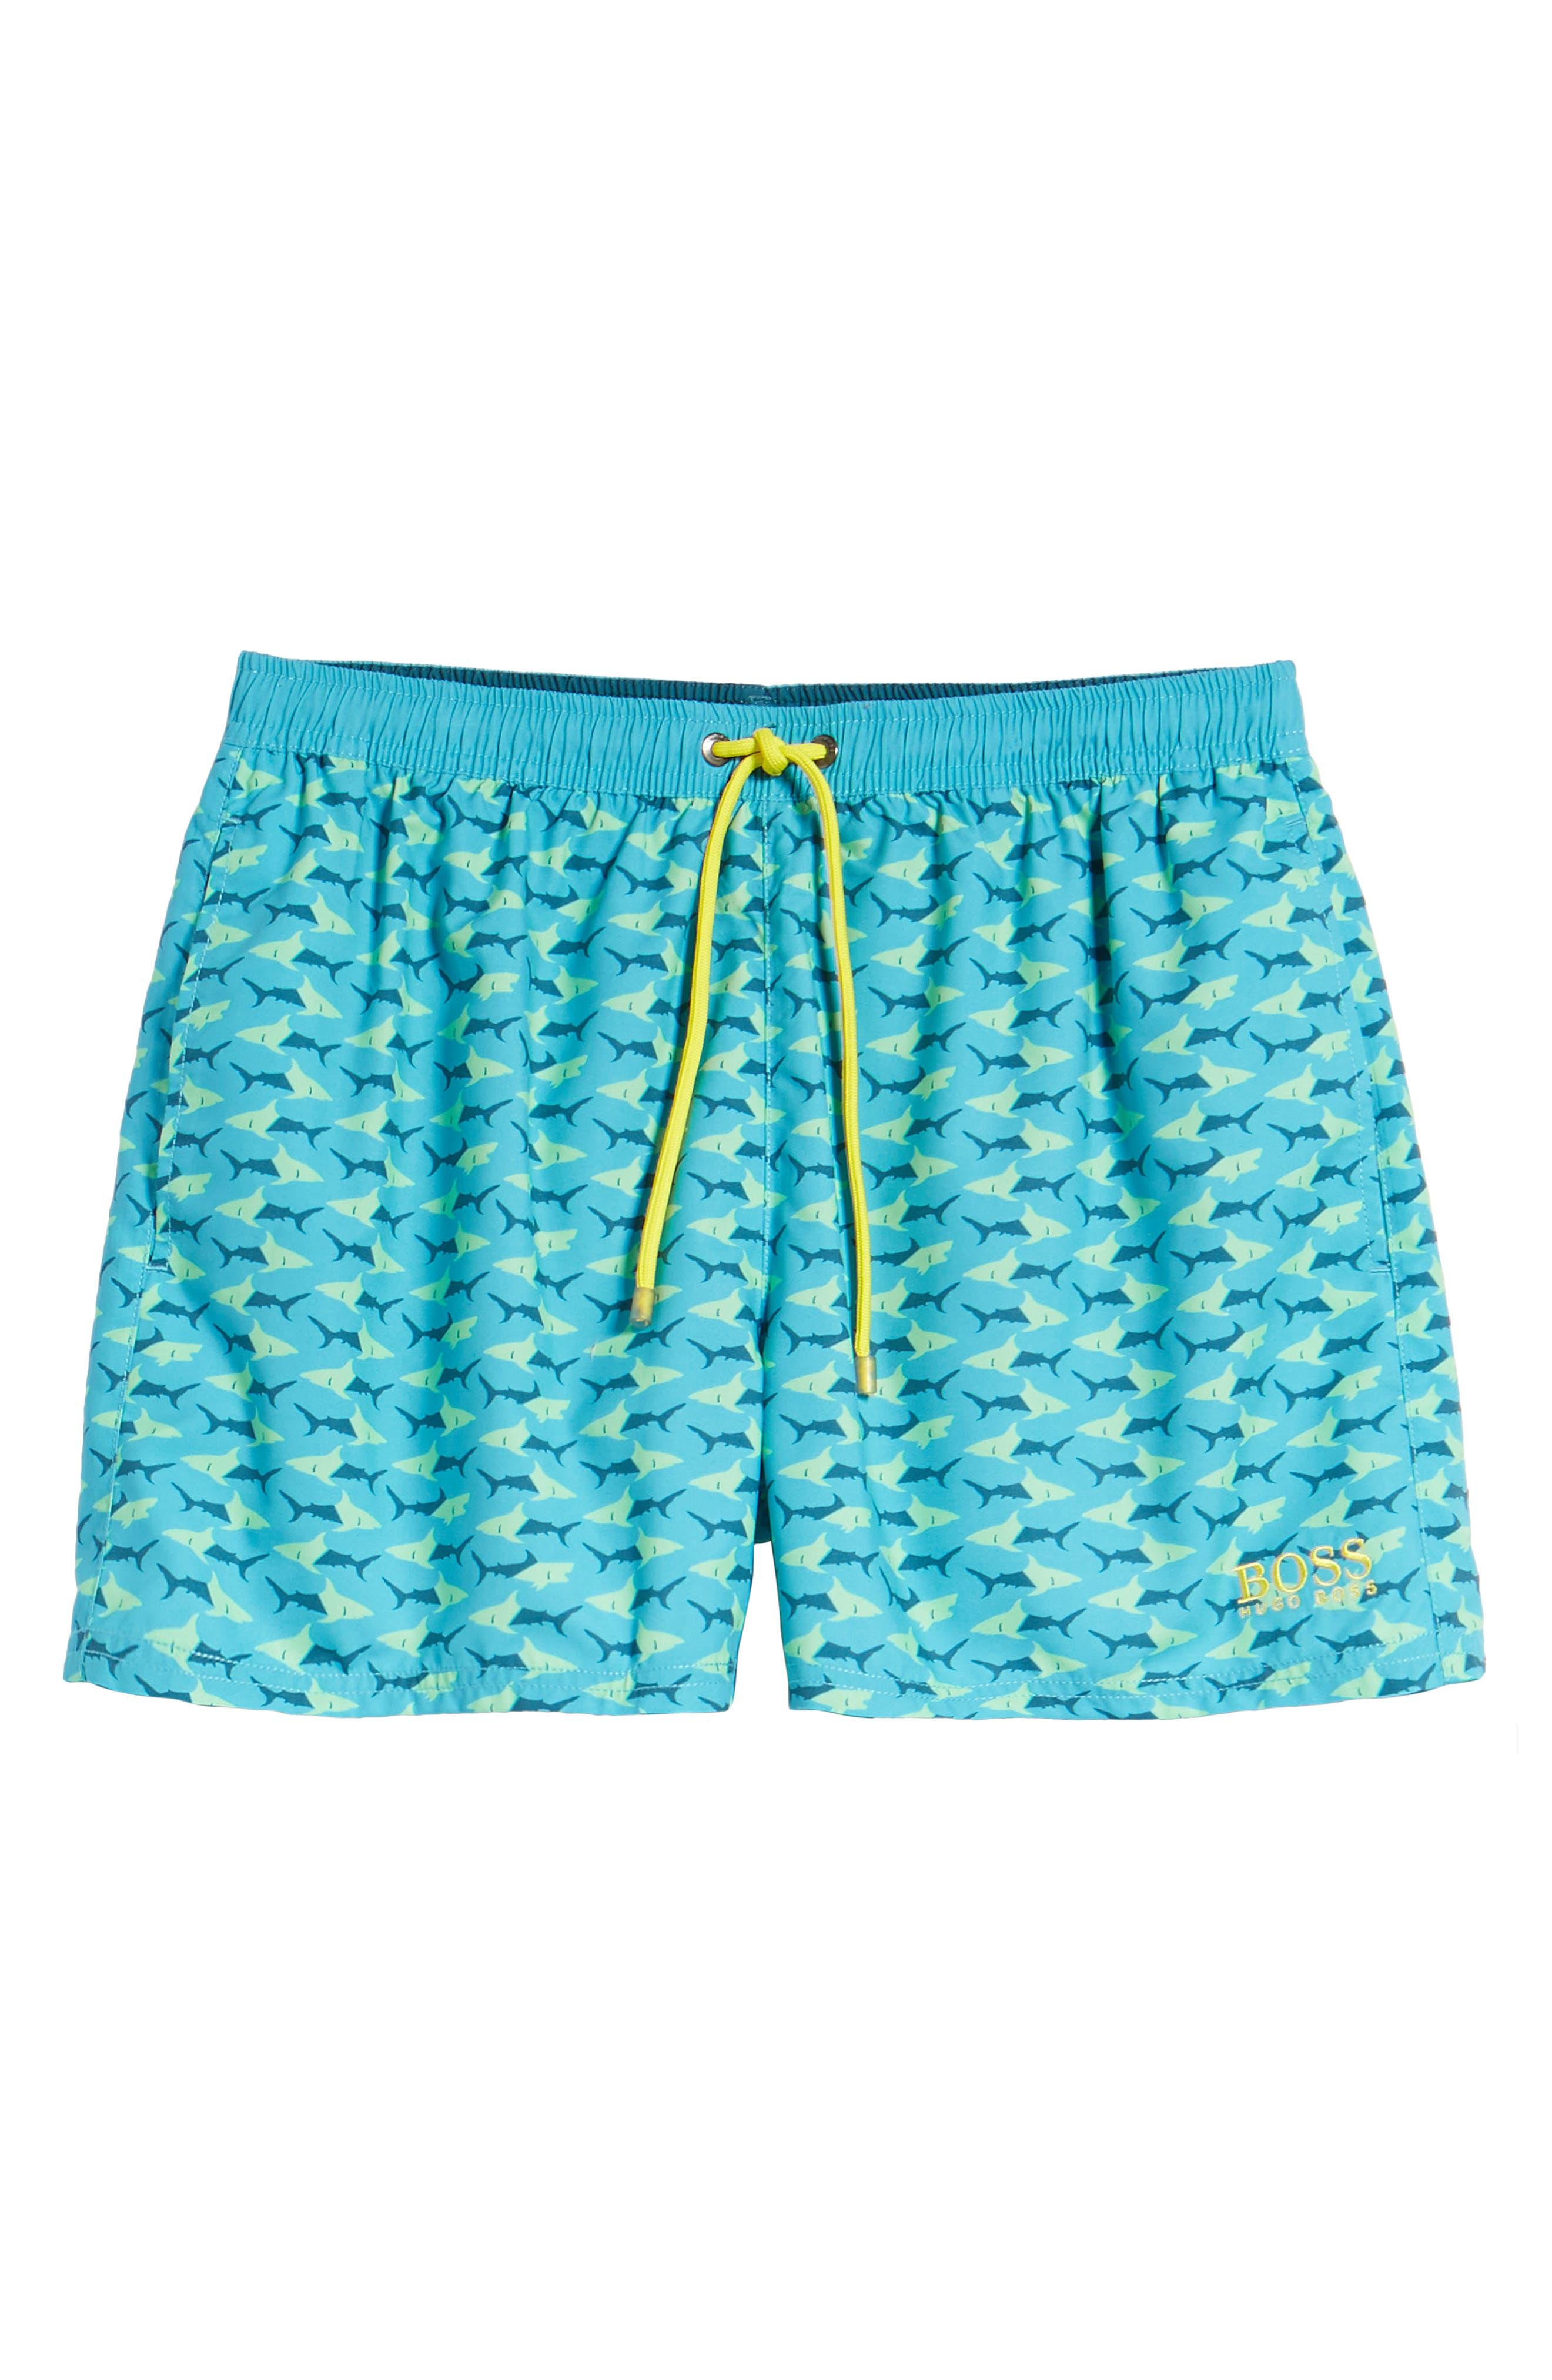 Piranha Shark Swim Trunks,                             Alternate thumbnail 6, color,                             480